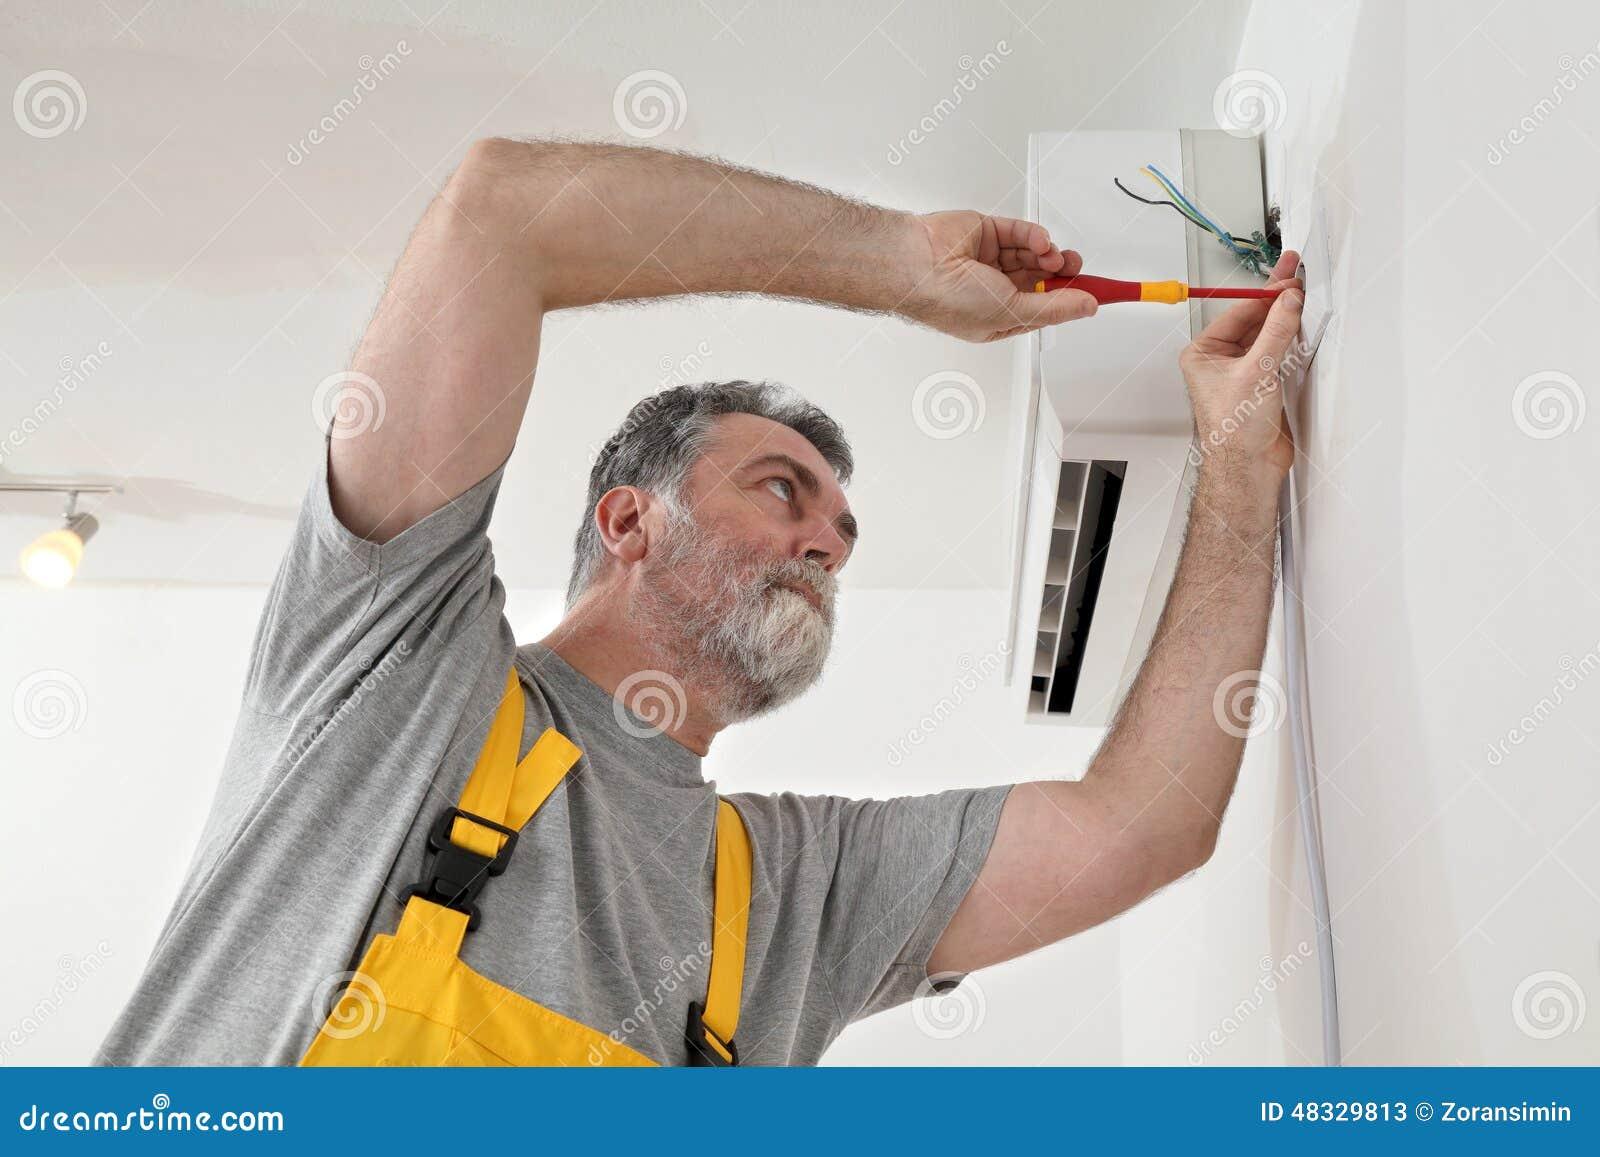 Электрическая установка кондиционера ремонт стиральных машин в самаре стоимость